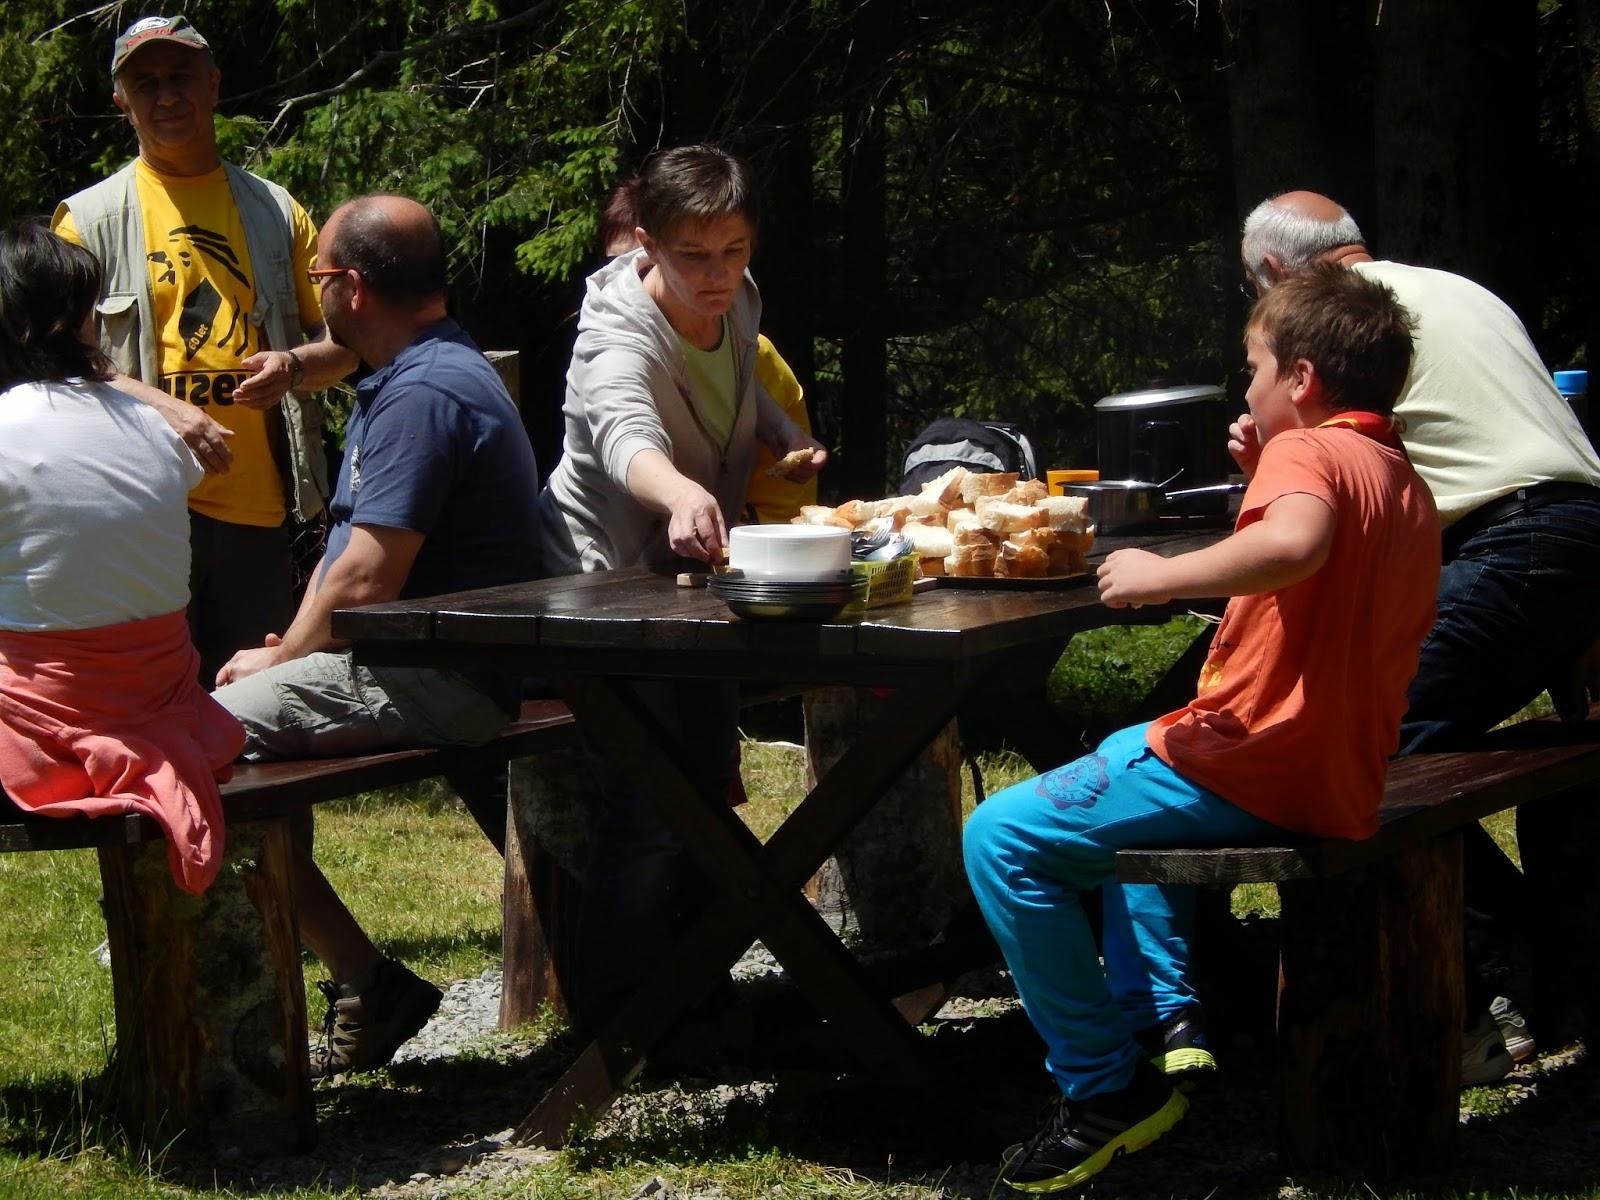 Piknik s starši 2014, 22.6.2014 Črni dol - DSCN1983.JPG